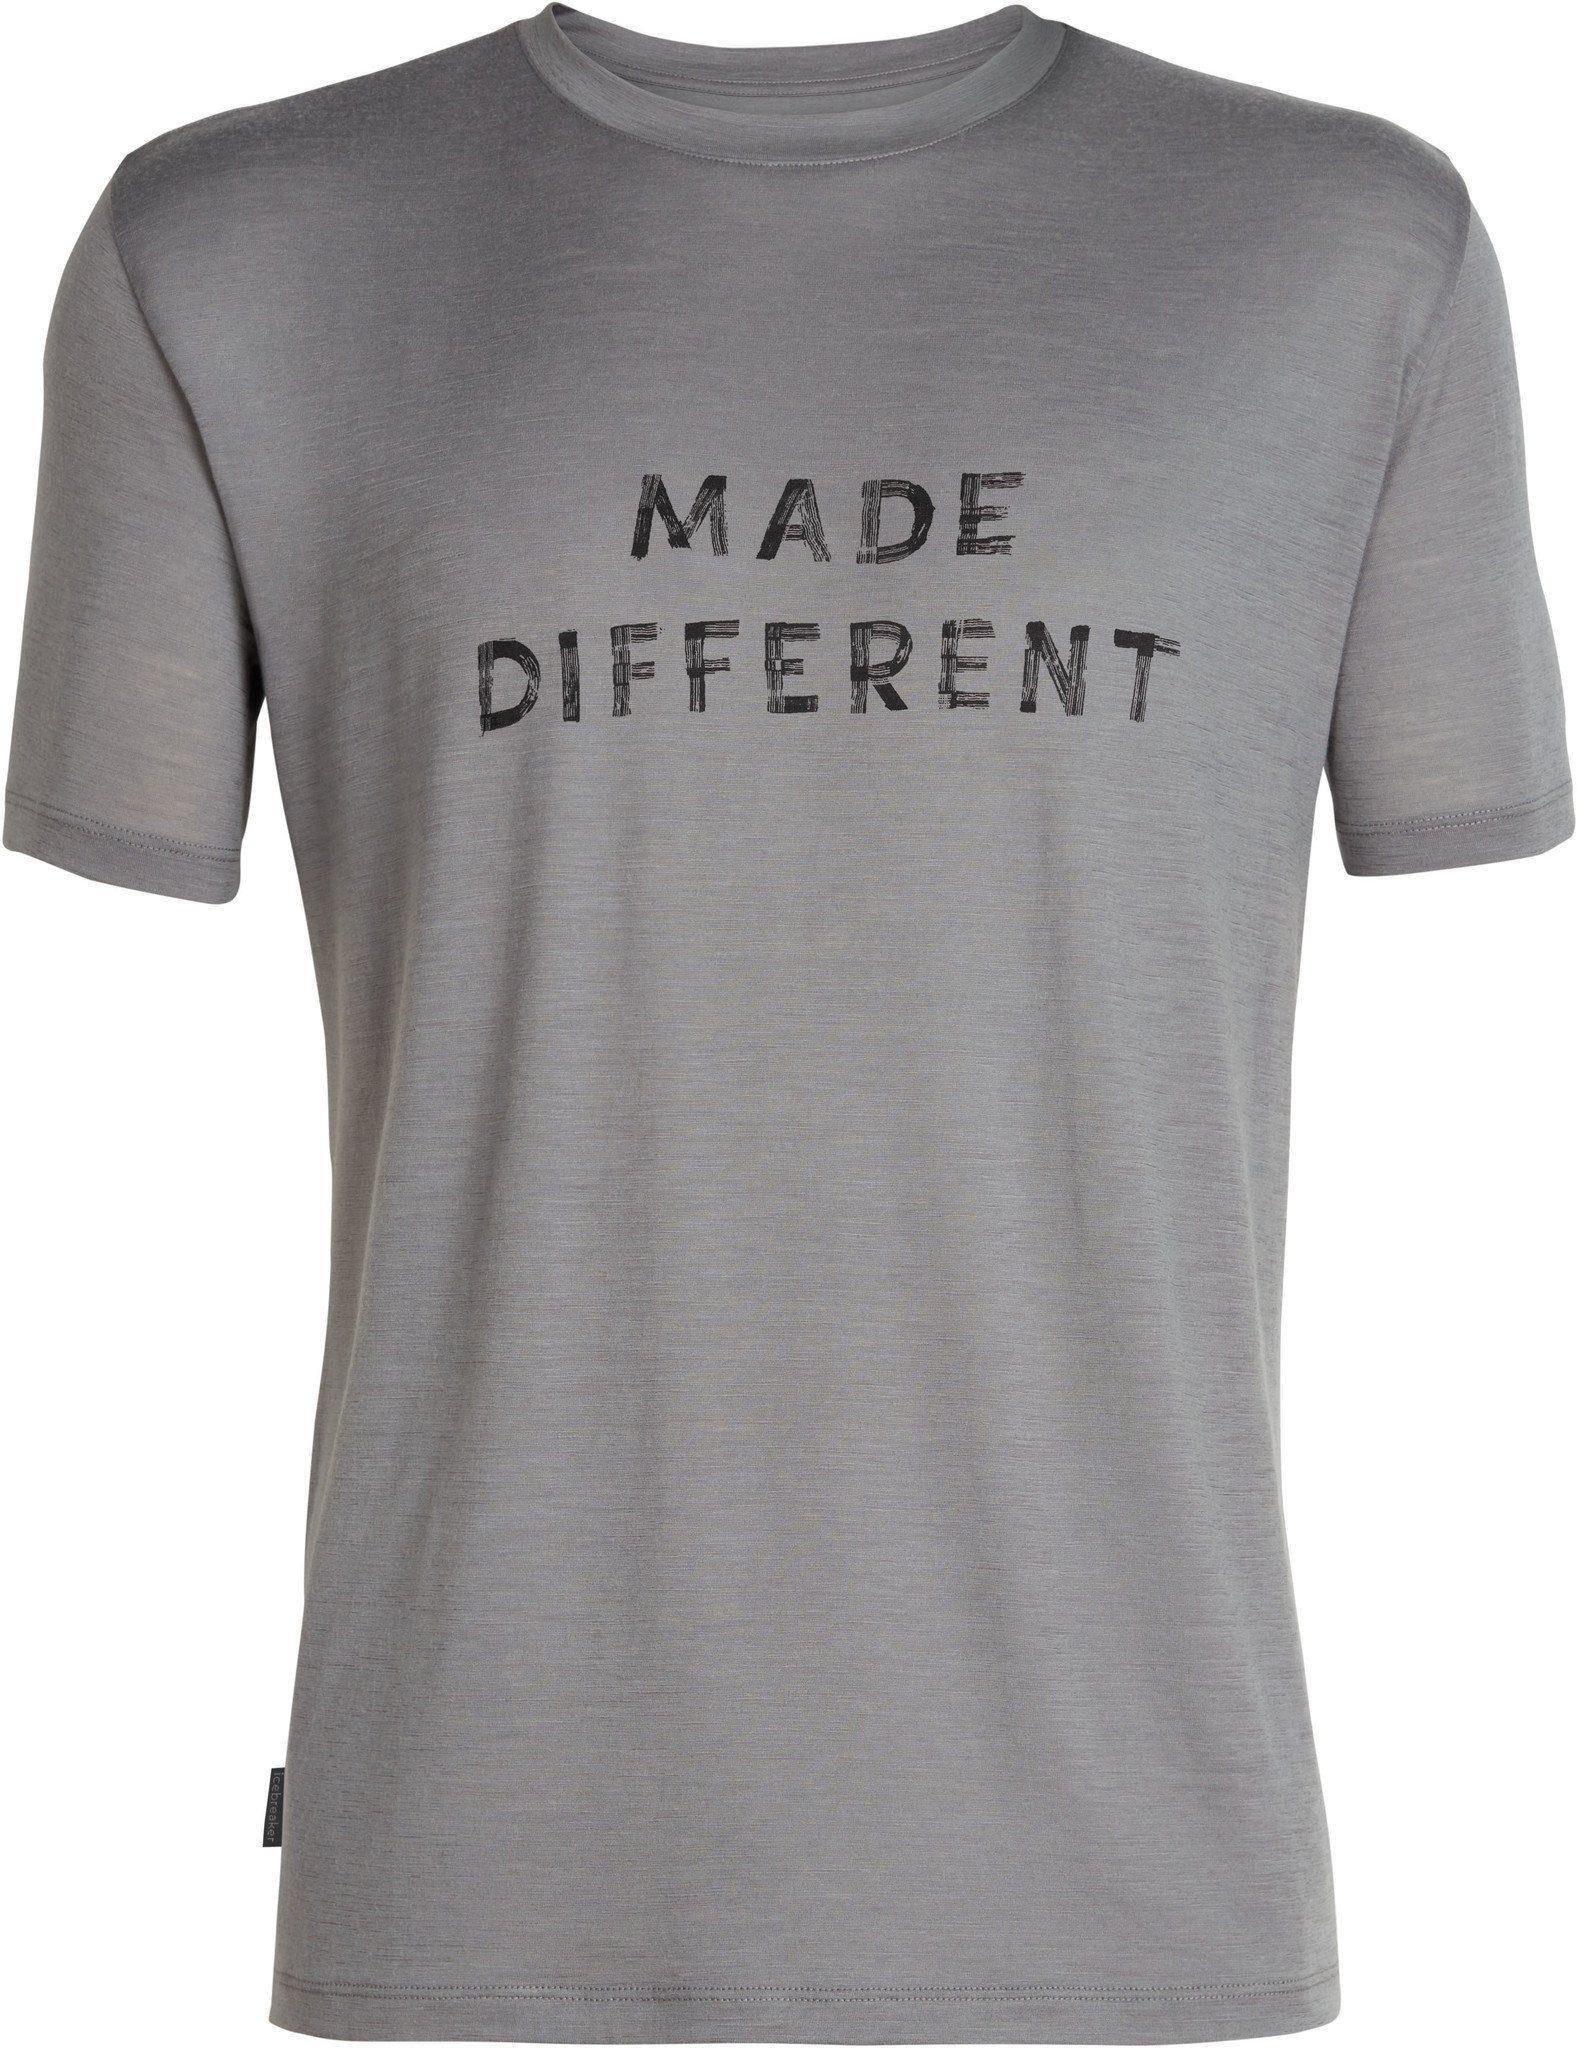 Jede Alter 18 21 30 40 50 Geburtstagsgeschenk Damen T-Shirt Strasssteine Design